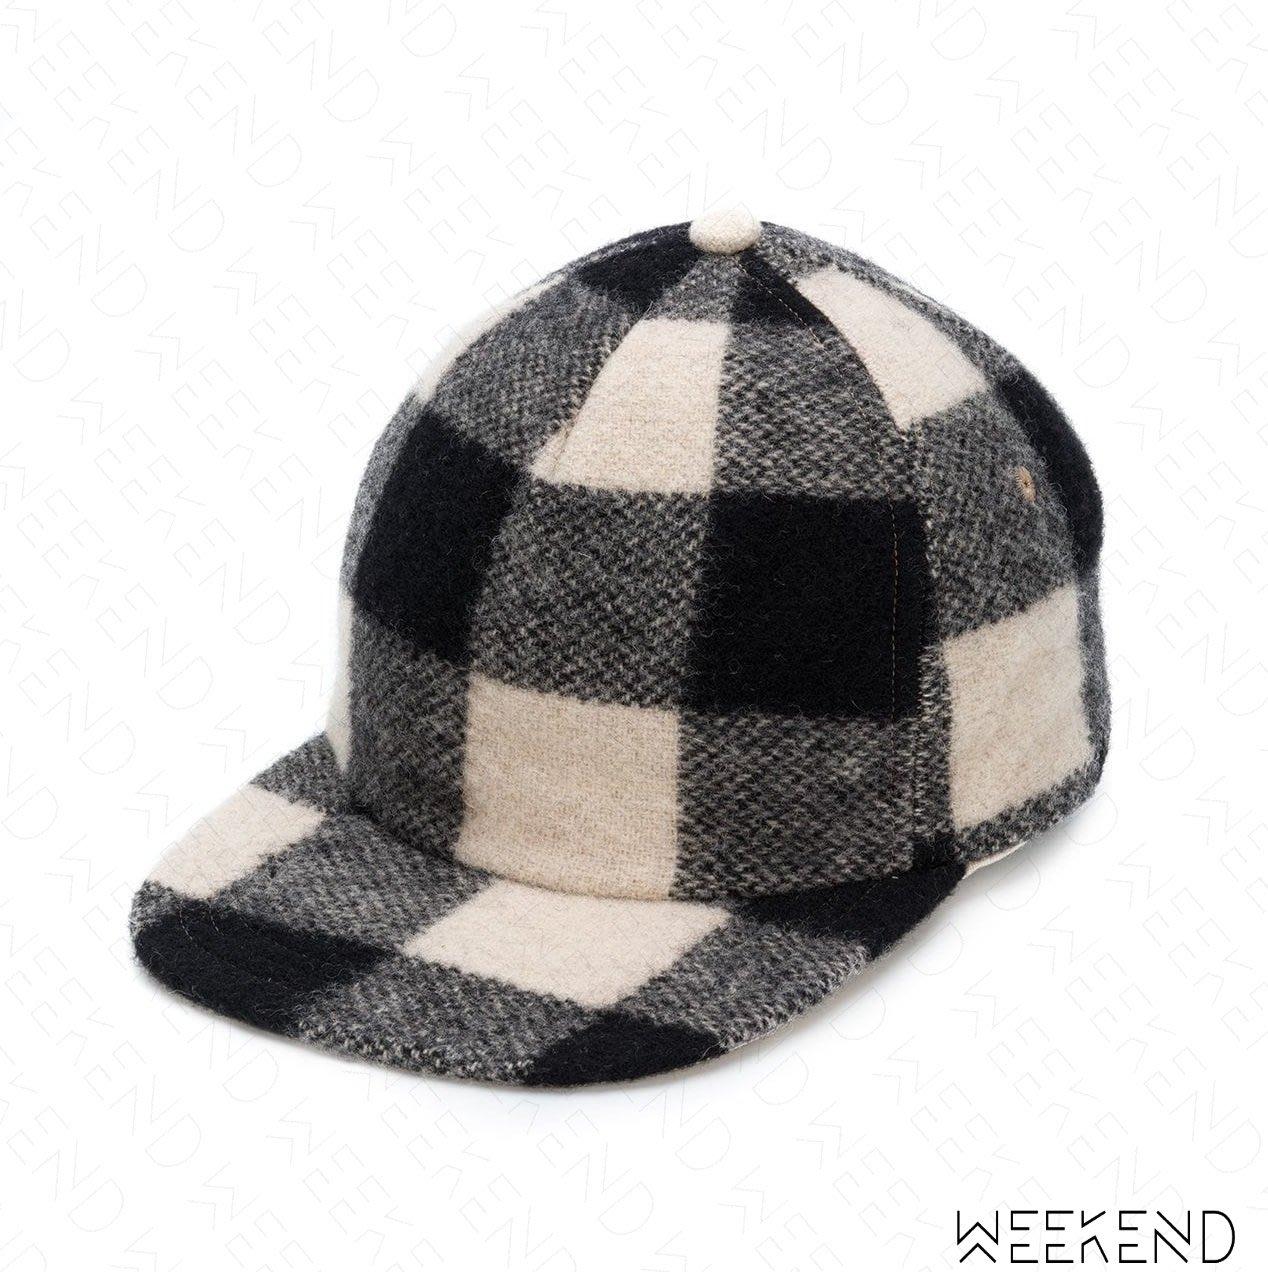 【WEEKEND】R13 Checked 格紋 羊毛 帽子 棒球帽 潮帽 黑+白色 18秋冬